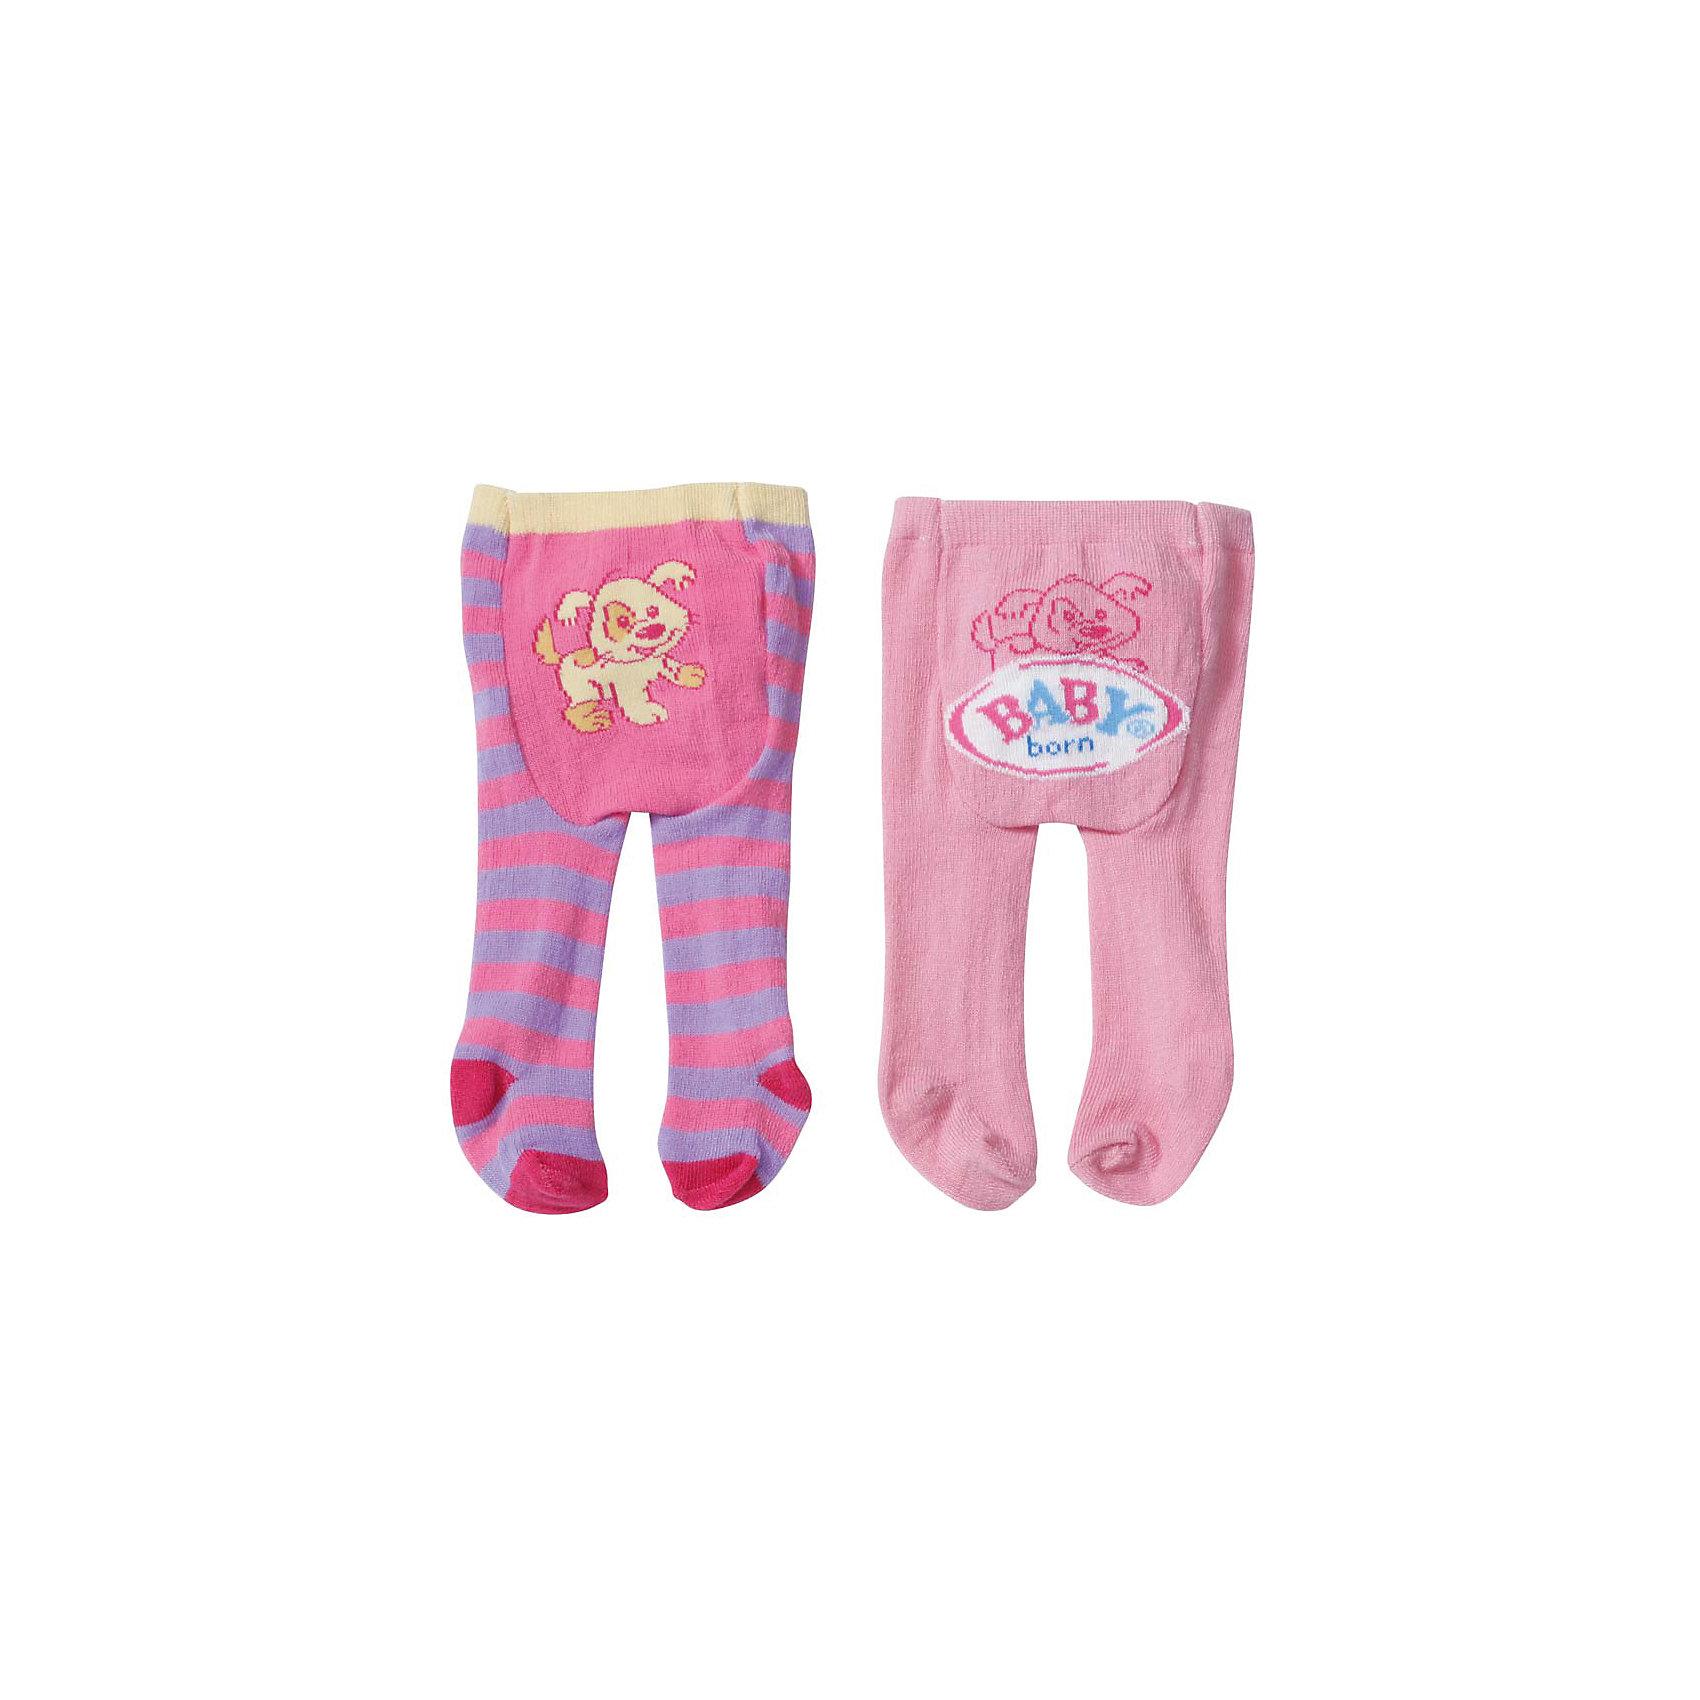 Колготки, розово-фиолетовые с собачкой, BABY bornБренды кукол<br>Характеристики:<br><br>• Тип одежды для куклы: колготки<br>• Предназначение: для сюжетно-ролевых игр<br>• Для куклы или пупсов: BABY born<br>• Рост куклы/пупса: от 43 см<br>• Цвет: фиолетовый, розовый<br>• Тематика рисунка: полоска, собачки<br>• Материал: текстиль <br>• Комплектация: 2 пары колготок<br>• Вес: 53 г<br>• Размеры упаковки (Д*В*Ш): 26,9*13,9*2,1 см<br>• Упаковка: блистер на картоне<br>• Особенности ухода: допускается деликатная стирка без использования красящих и отбеливающих средств <br><br>Колготки, розово-фиолетовые с собачкой, BABY born от немецкого производителя Zapf Creation предназначены для кукол и пупсов серии BABY born. Выполненные из текстиля высокого качества, который обладает высокими эластичными качествами, колготки устойчивы к изменению цвета и формы, на них не образуются катышки и затяжки. <br><br>Комплект состоит из двух пар колготок ярких цветов: розово-фиолетовых в широкую полоску и однотонных розовых. Украшены колготки изображением собачек и брендовой надписью. Кукольные колготки выполнены с детальным соответствием реальным детским колготкам, благодаря чему девочка научится правильно надевать колготки и  ухаживать за ними.<br><br>Колготки, розово-фиолетовые с собачкой, BABY born можно купить в нашем интернет-магазине.<br><br>Ширина мм: 269<br>Глубина мм: 139<br>Высота мм: 21<br>Вес г: 53<br>Возраст от месяцев: 36<br>Возраст до месяцев: 2147483647<br>Пол: Женский<br>Возраст: Детский<br>SKU: 5308980